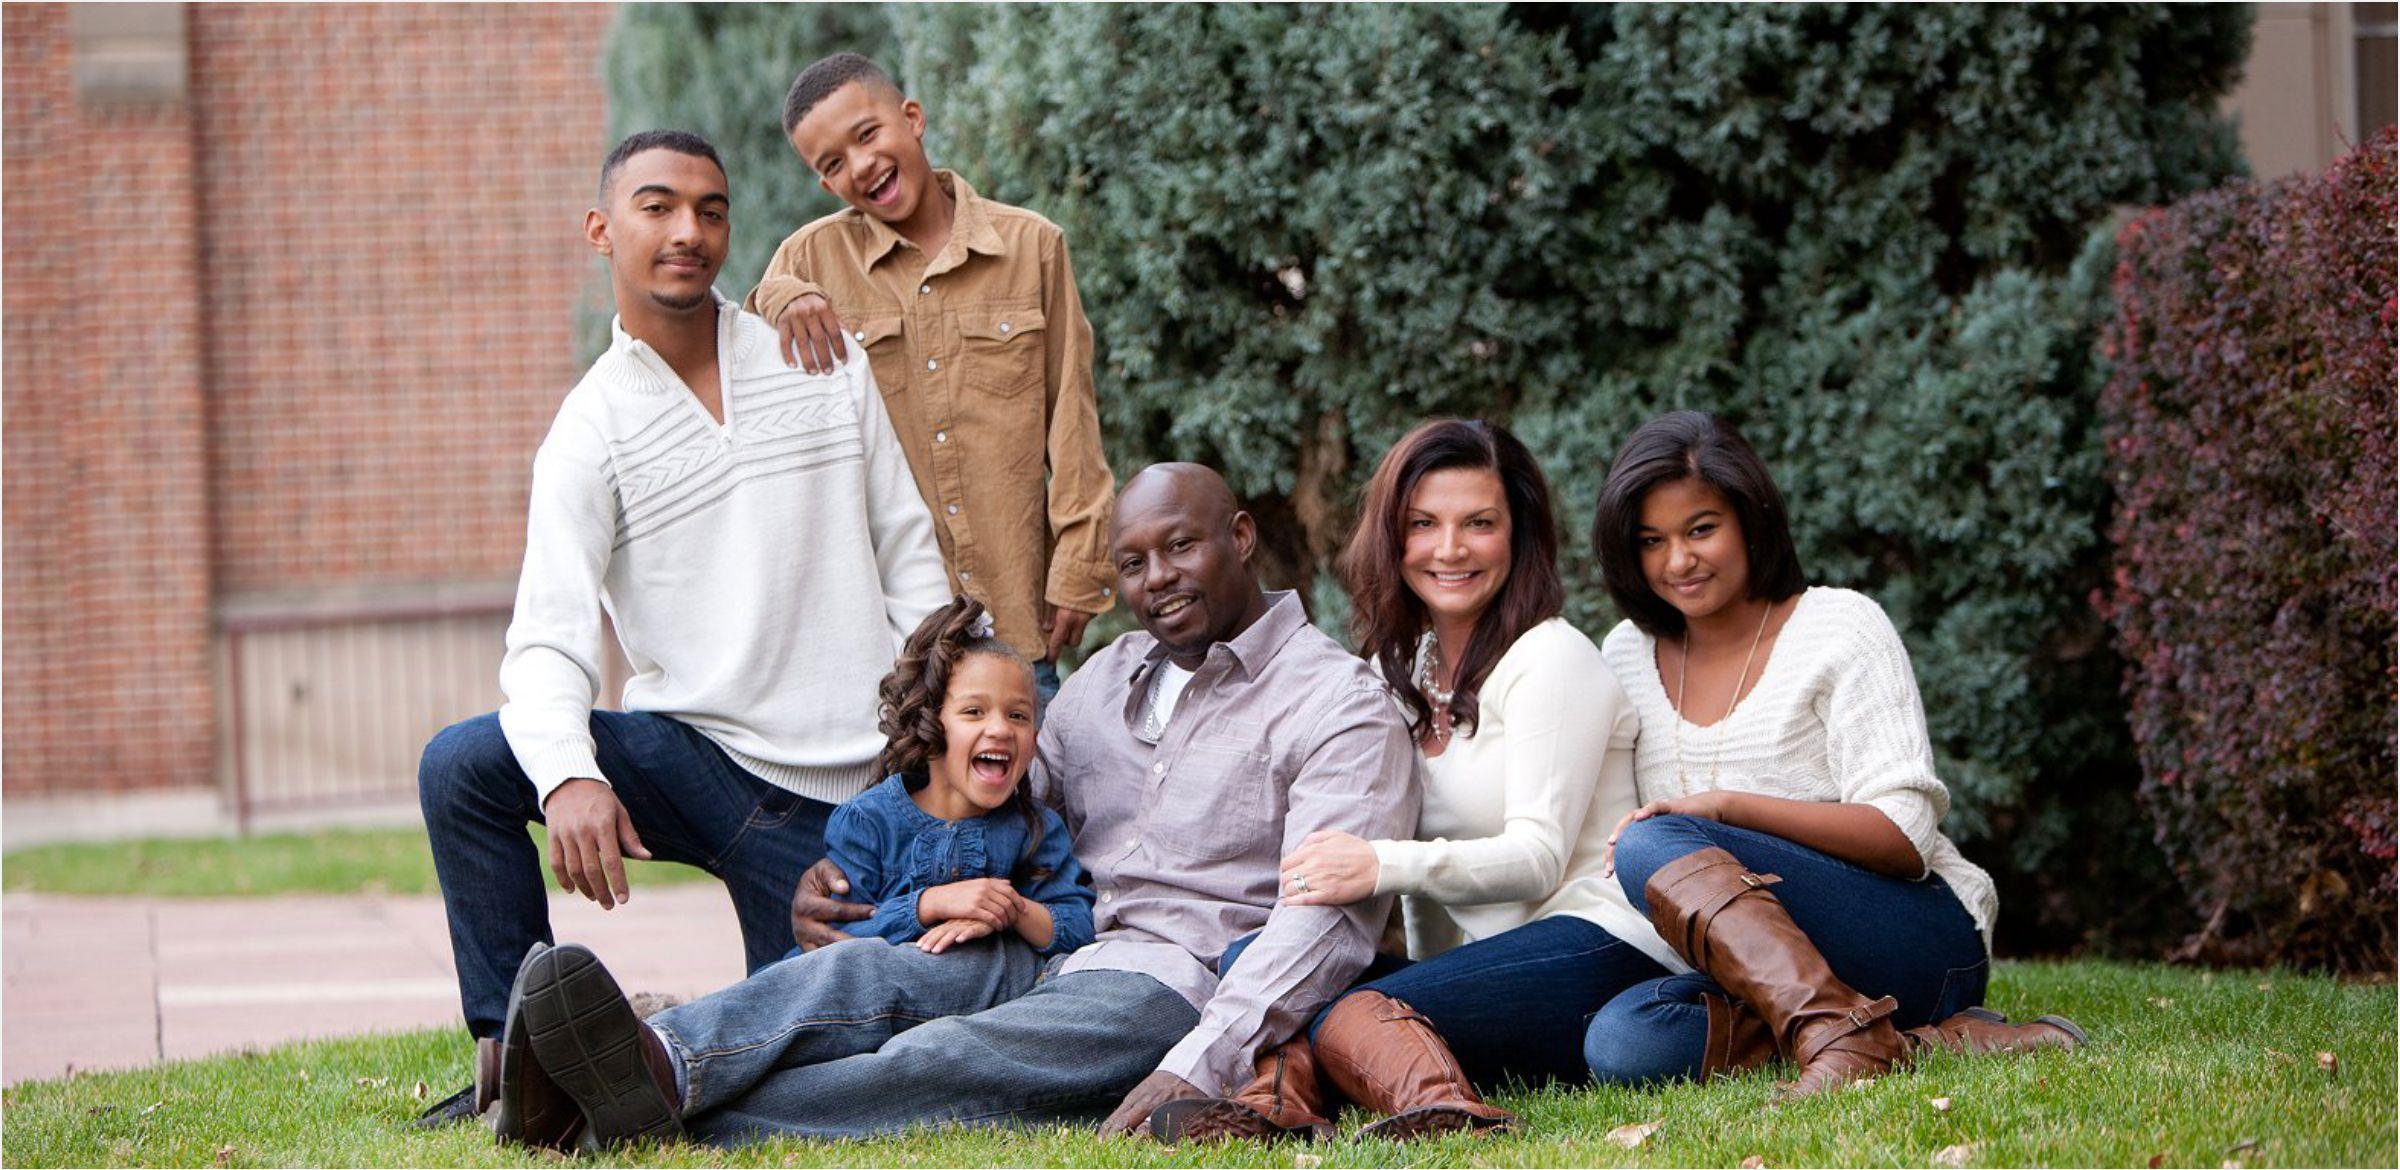 02-Denver-Family-Photography.jpg